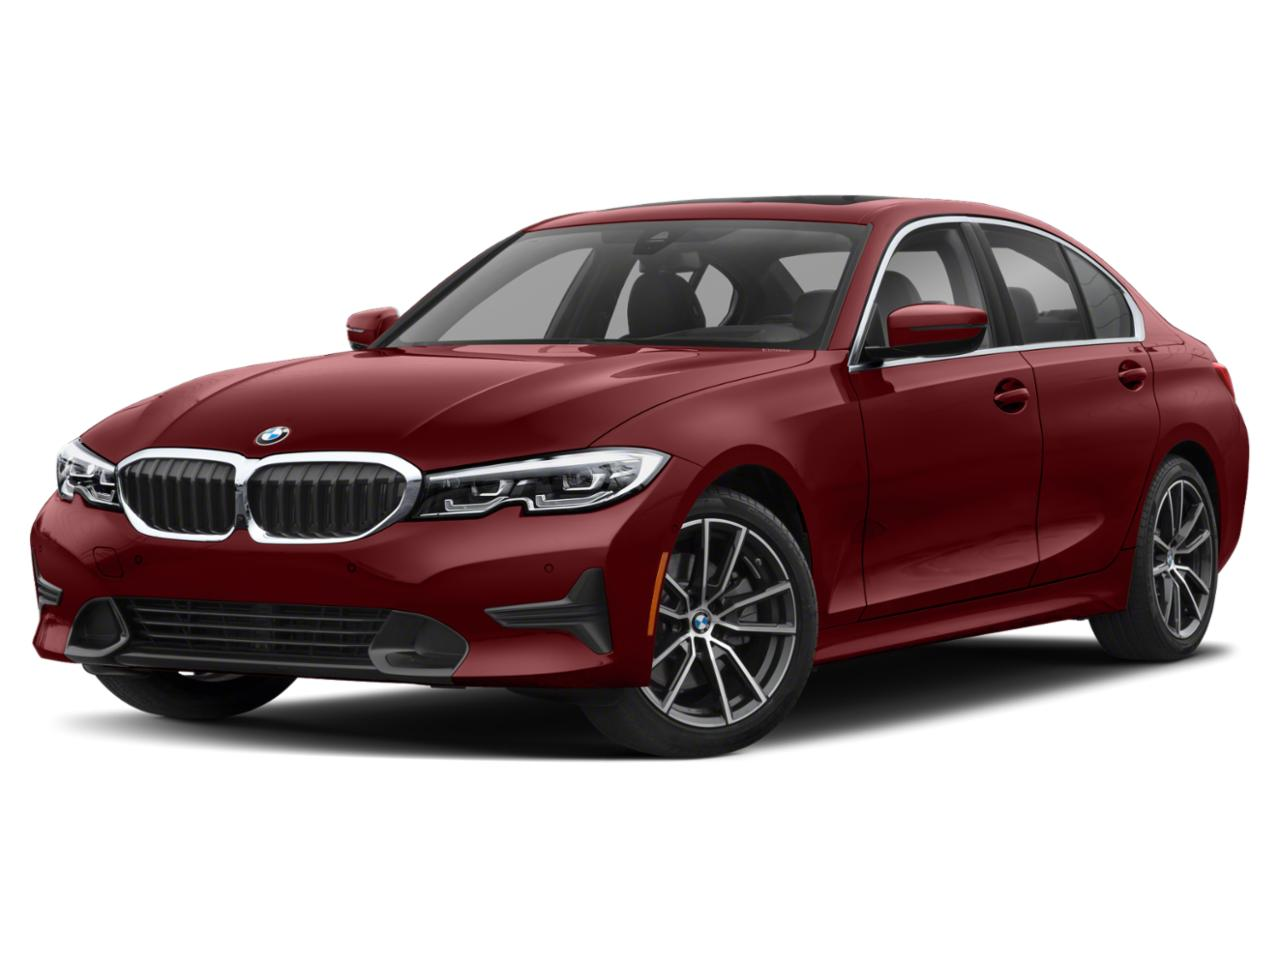 2020 BMW 330i xDrive Vehicle Photo in Appleton, WI 54913